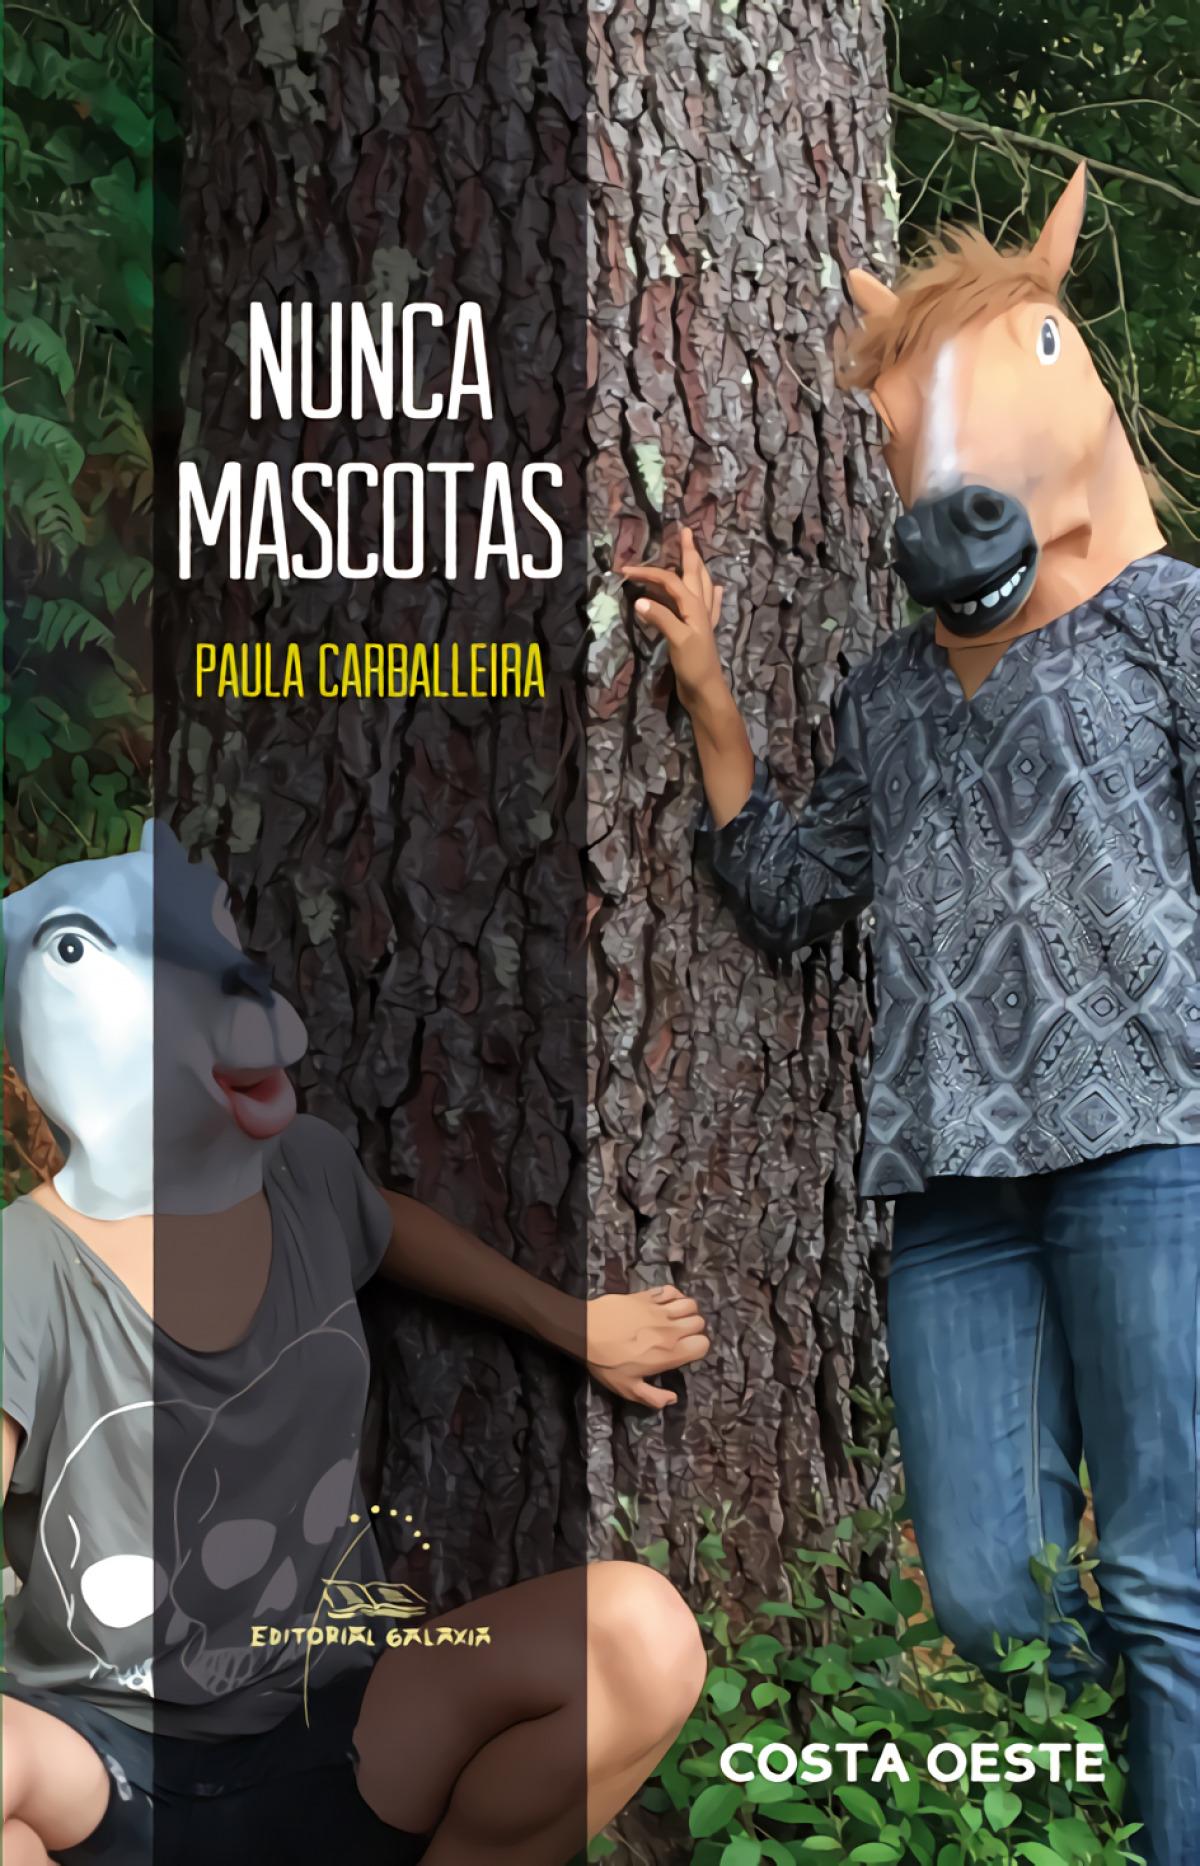 Nunca mascotas - Carballeira, Paula